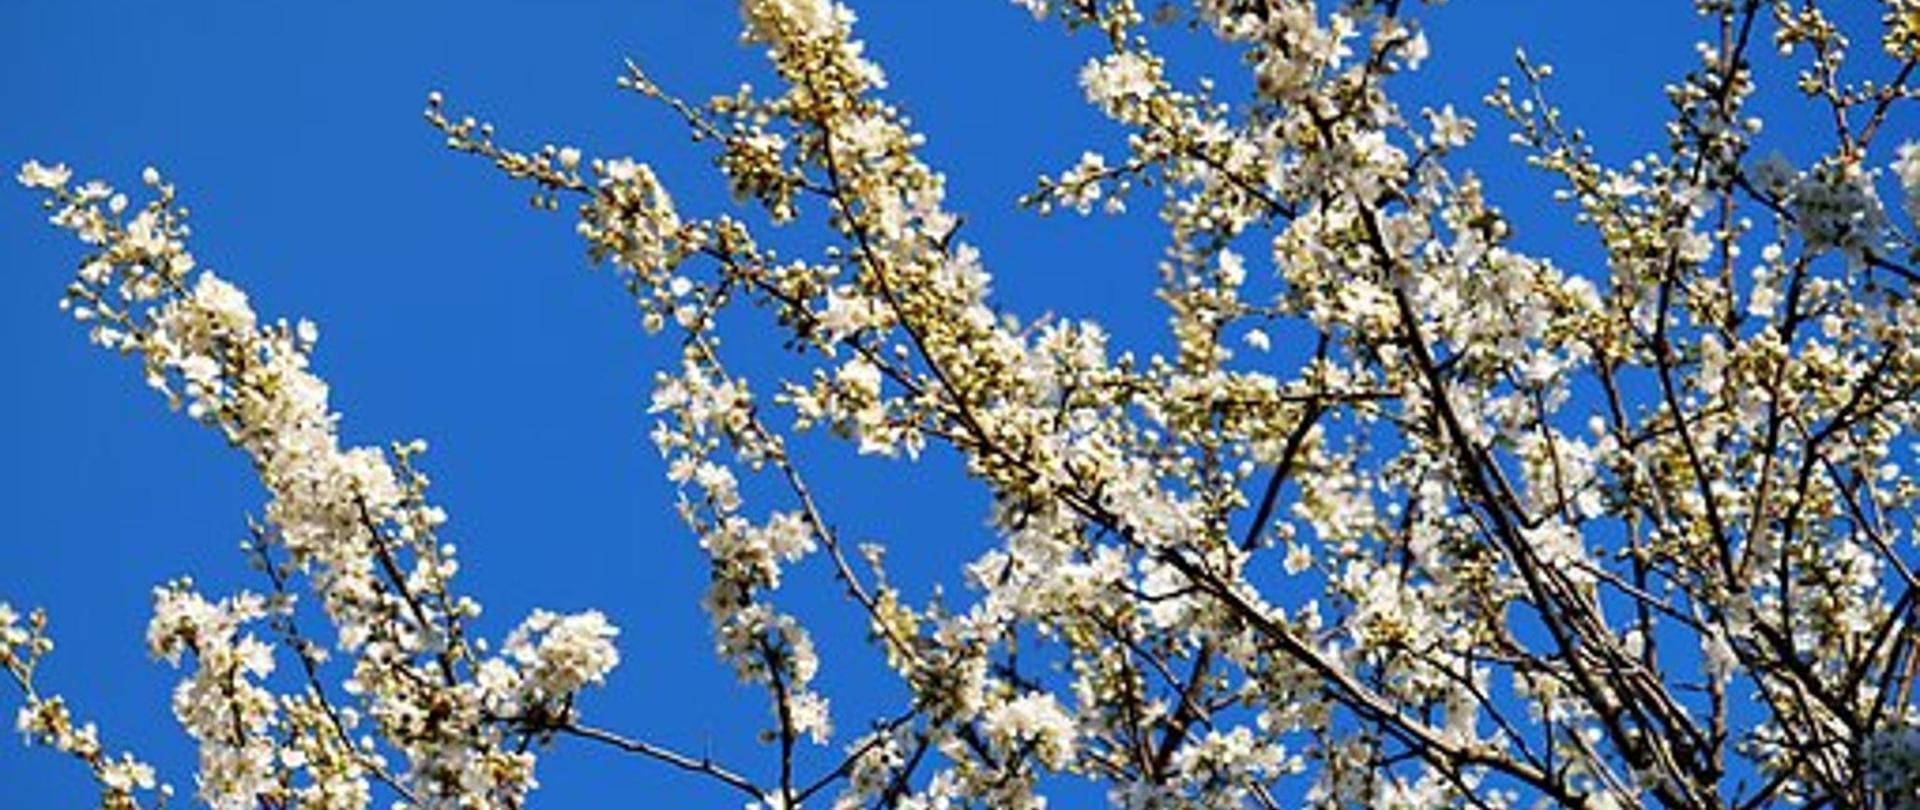 Frühling06.jpg